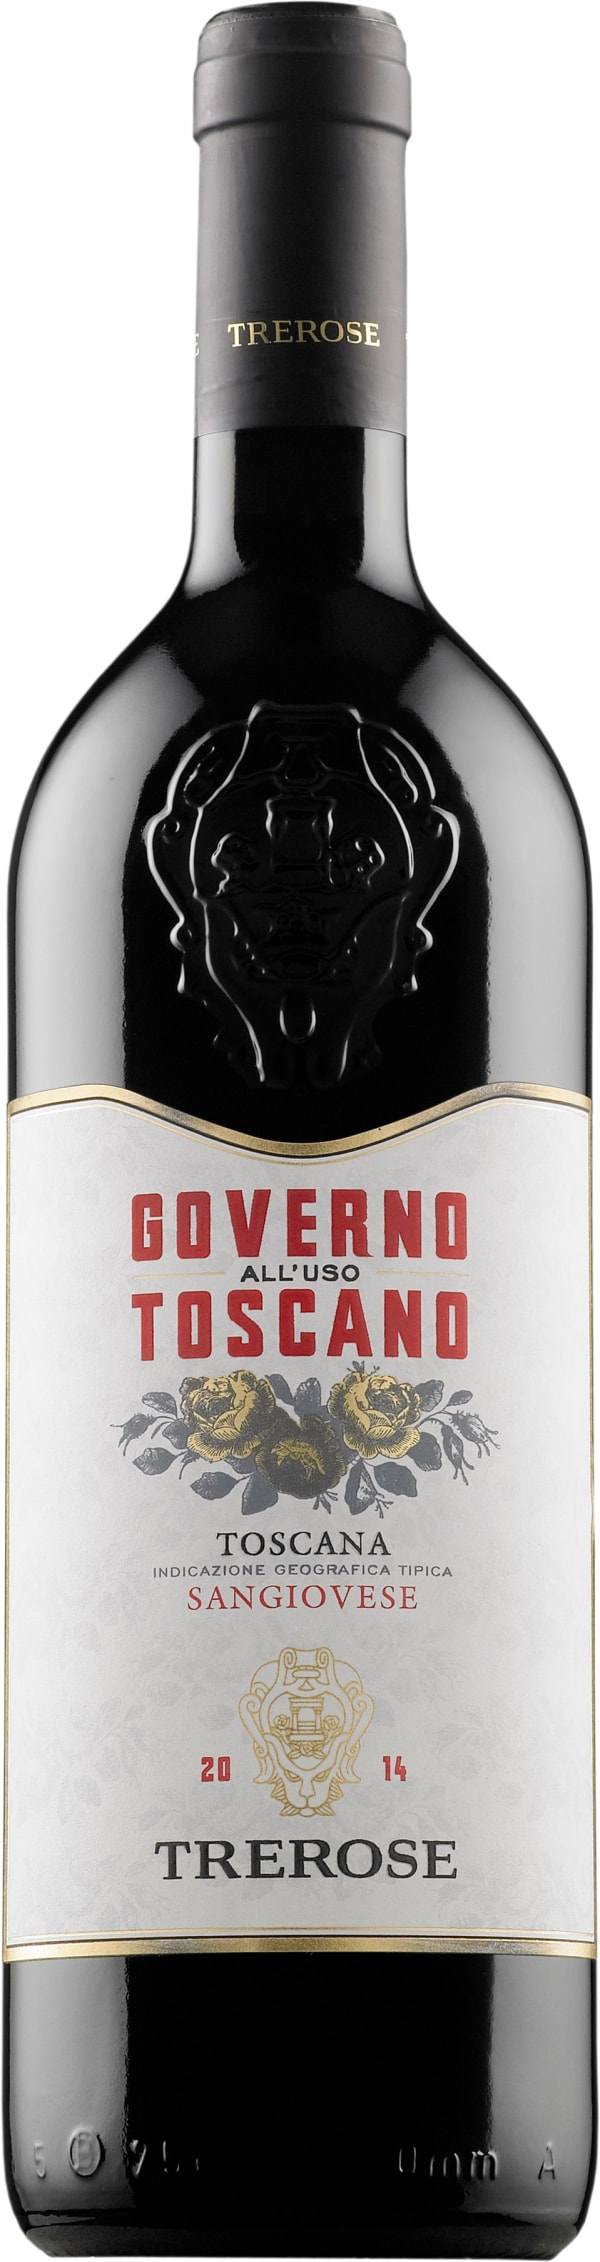 Tre Rose Governo all'Uso Toscano 2018